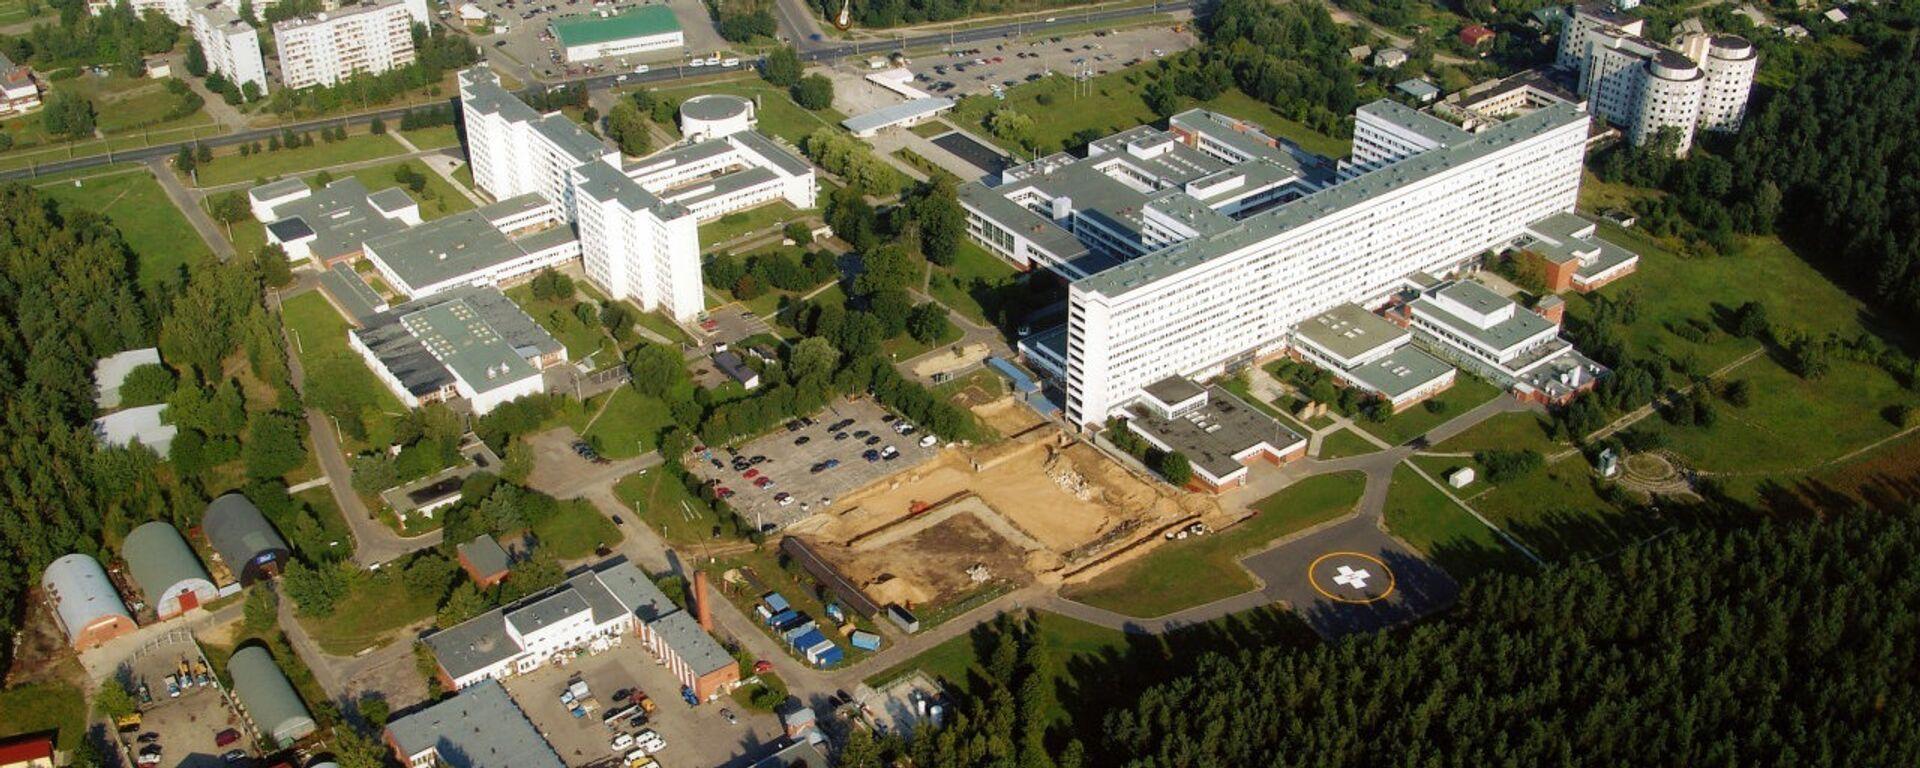 Рижская Восточная клиническая университетская больница - Sputnik Латвия, 1920, 28.12.2020